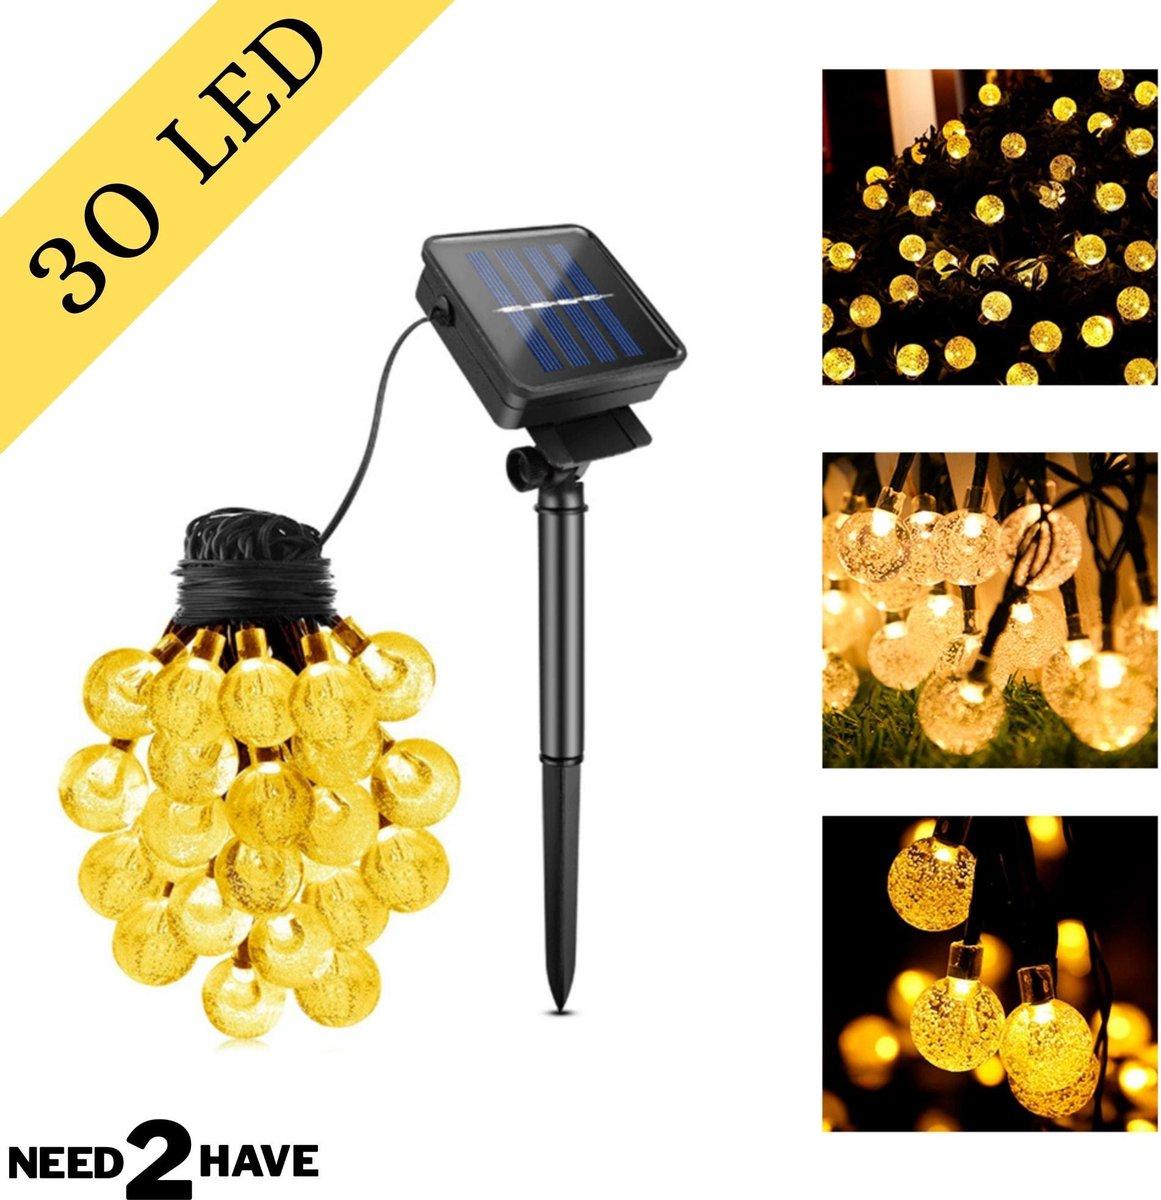 Need2Have Lichtsnoer Buiten - 30 LED - Solar Tuinverlichting - Tuinverlichting op Zonneenergie - 5 M